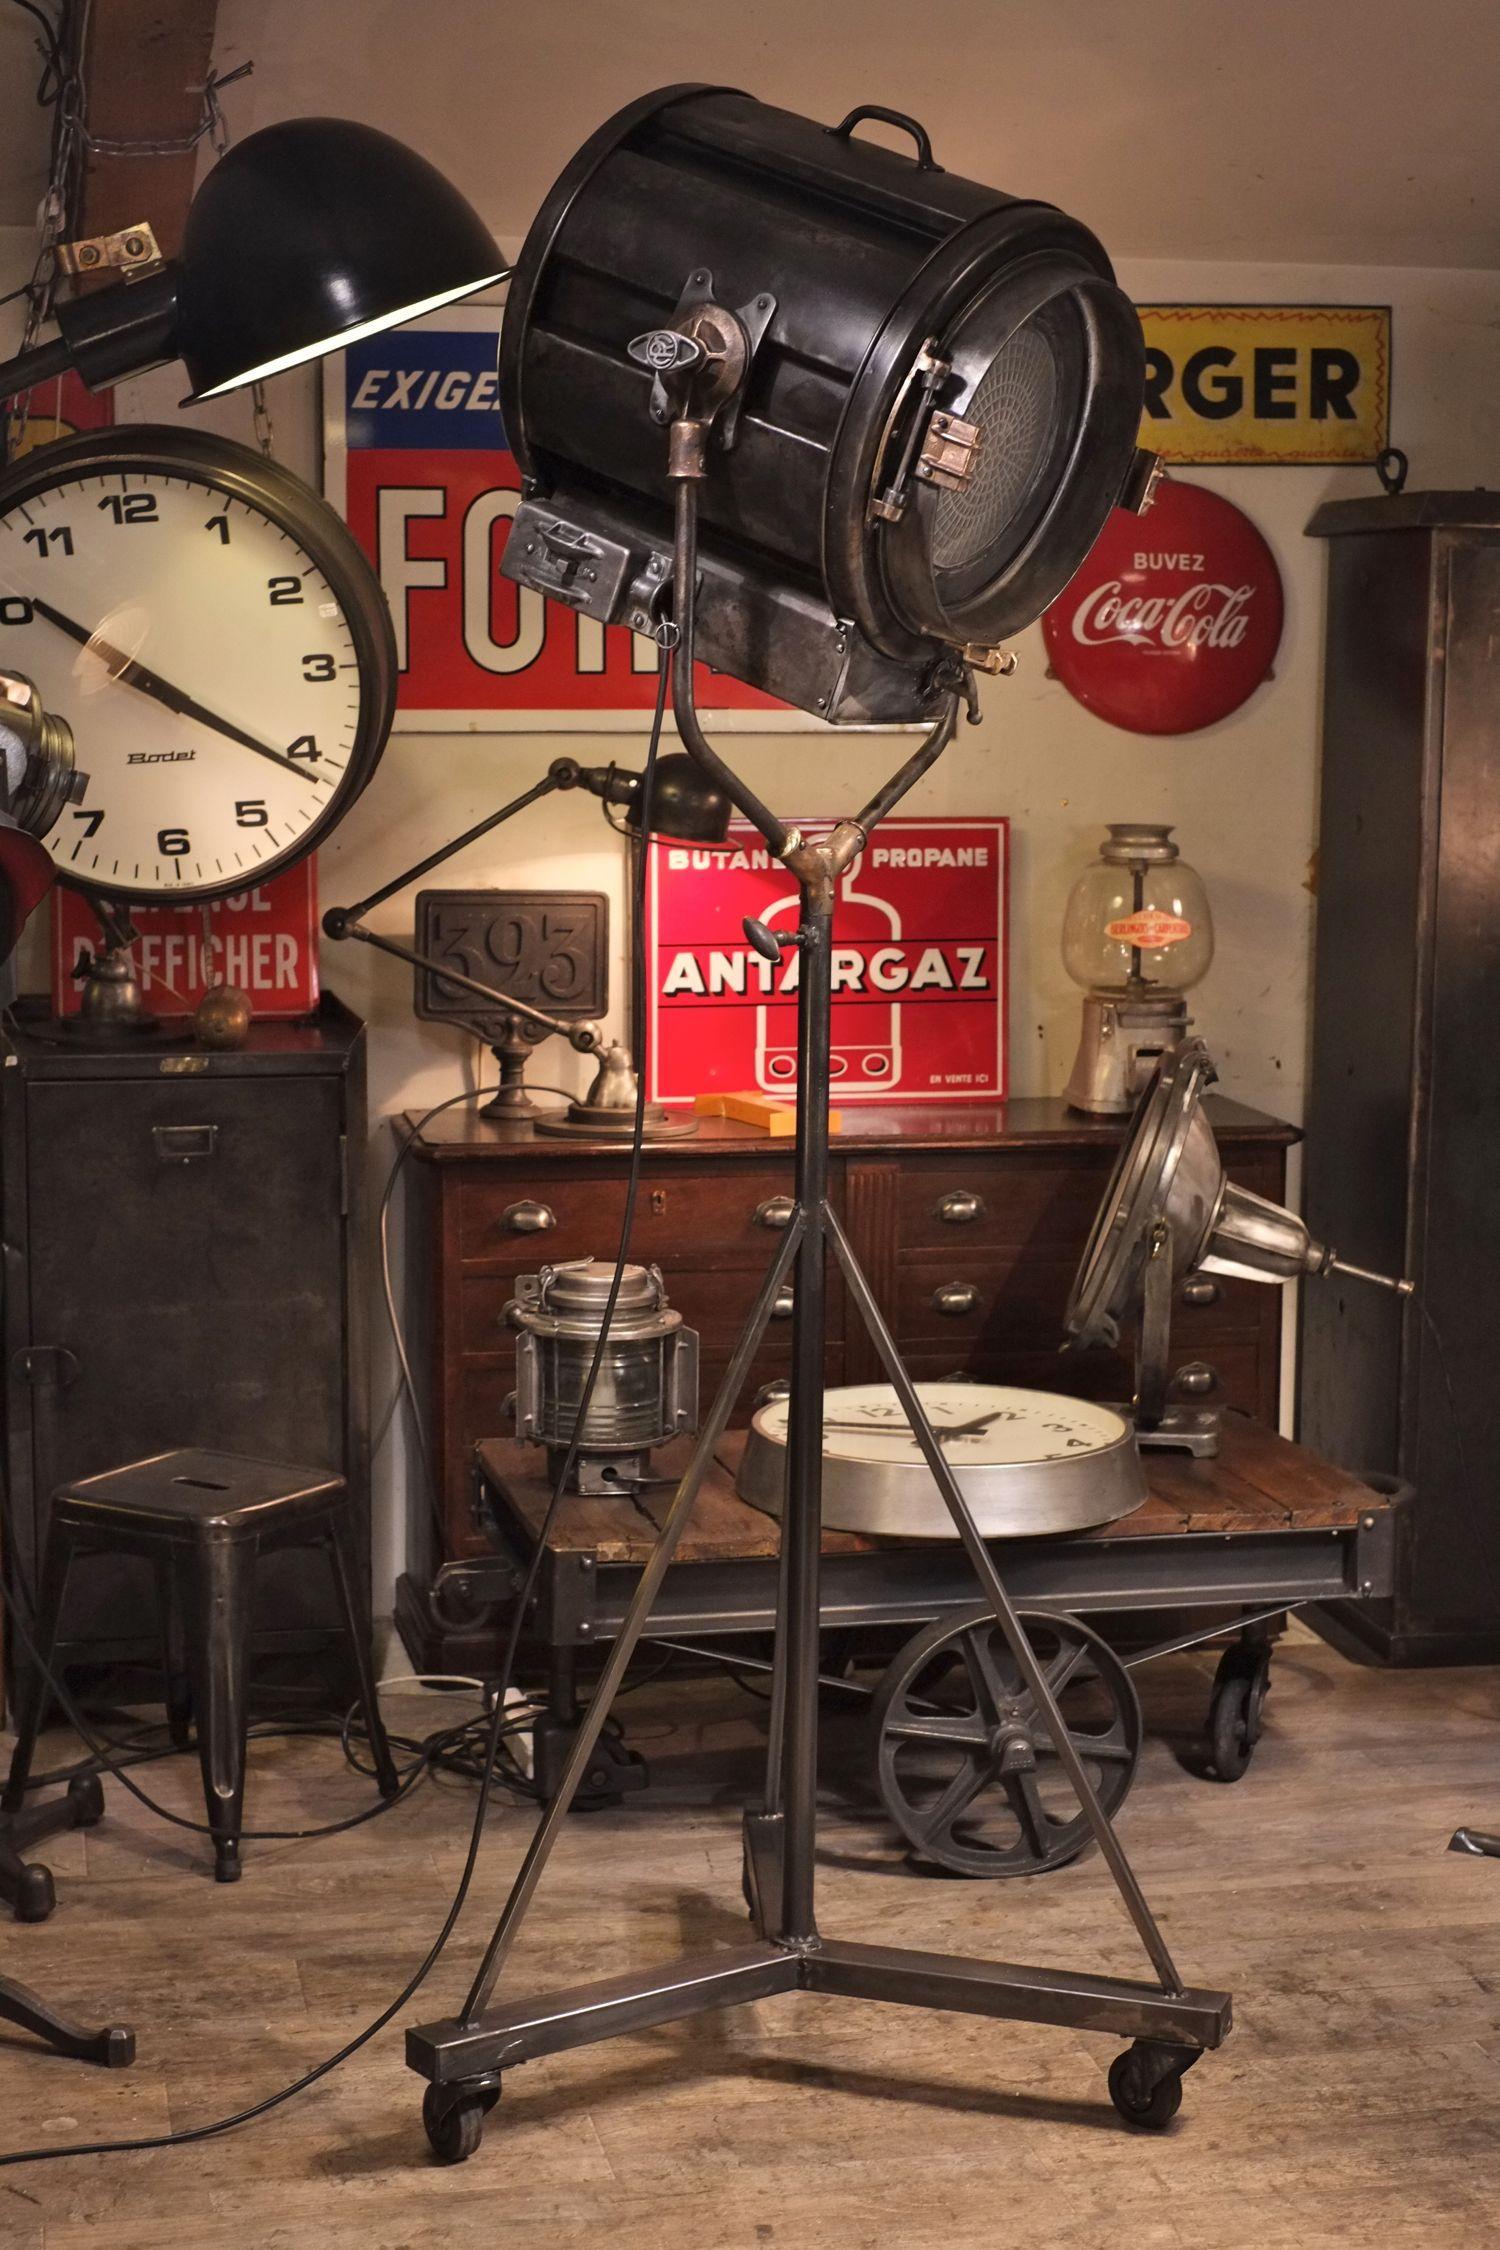 projecteur de cinema mole richardson deco loft meuble industriel vintage de renaud jaylac. Black Bedroom Furniture Sets. Home Design Ideas